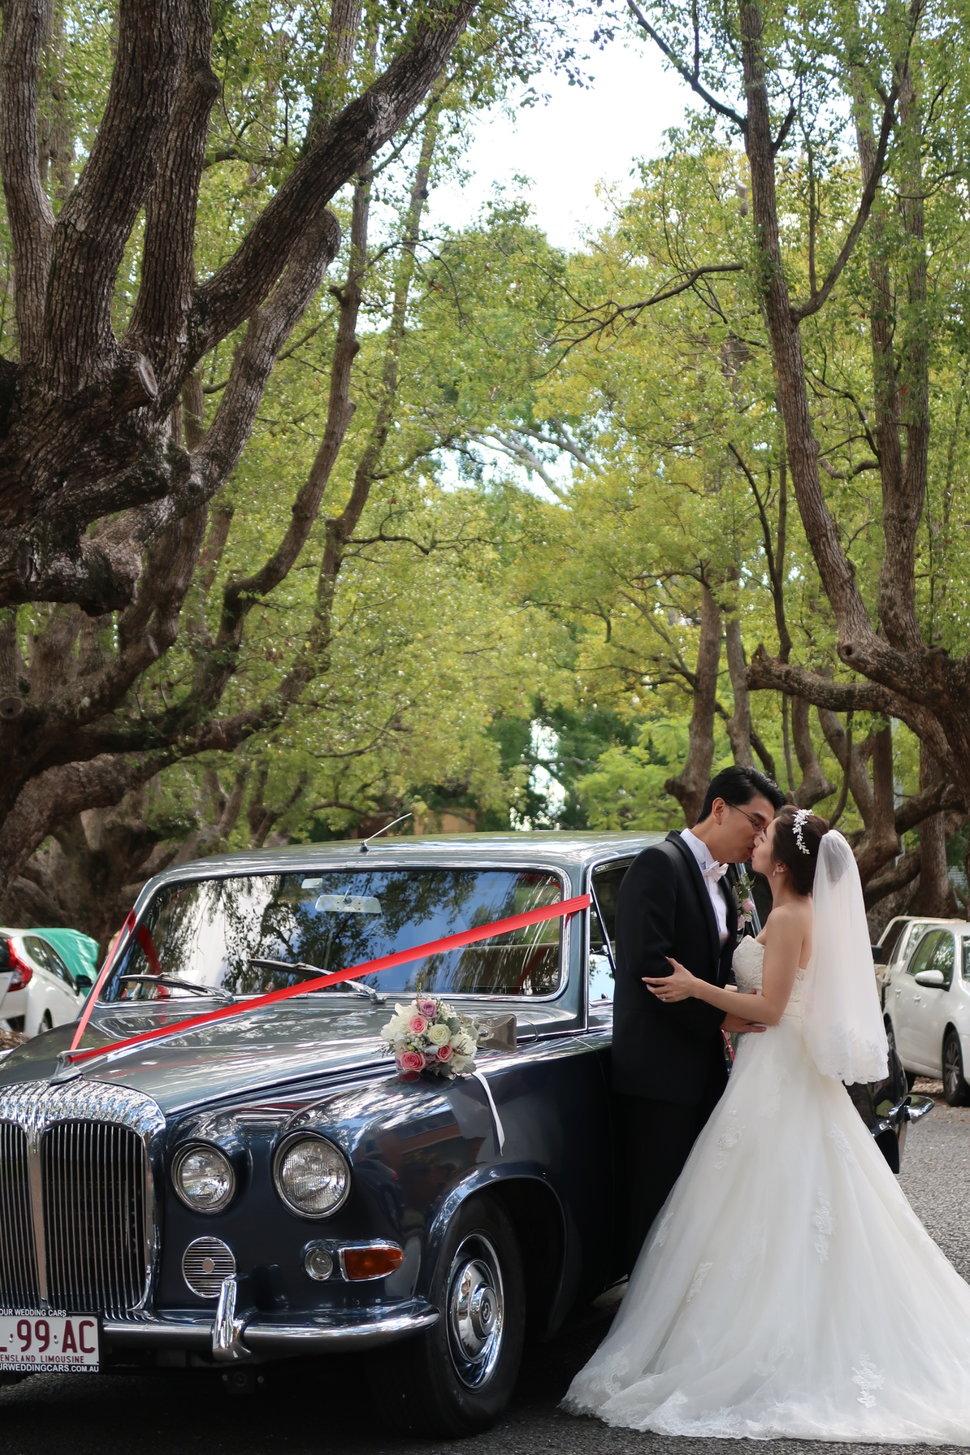 384911AC-C6B3-4555-B69A-589EAED4451F - Lydia姿君wedding style - 結婚吧